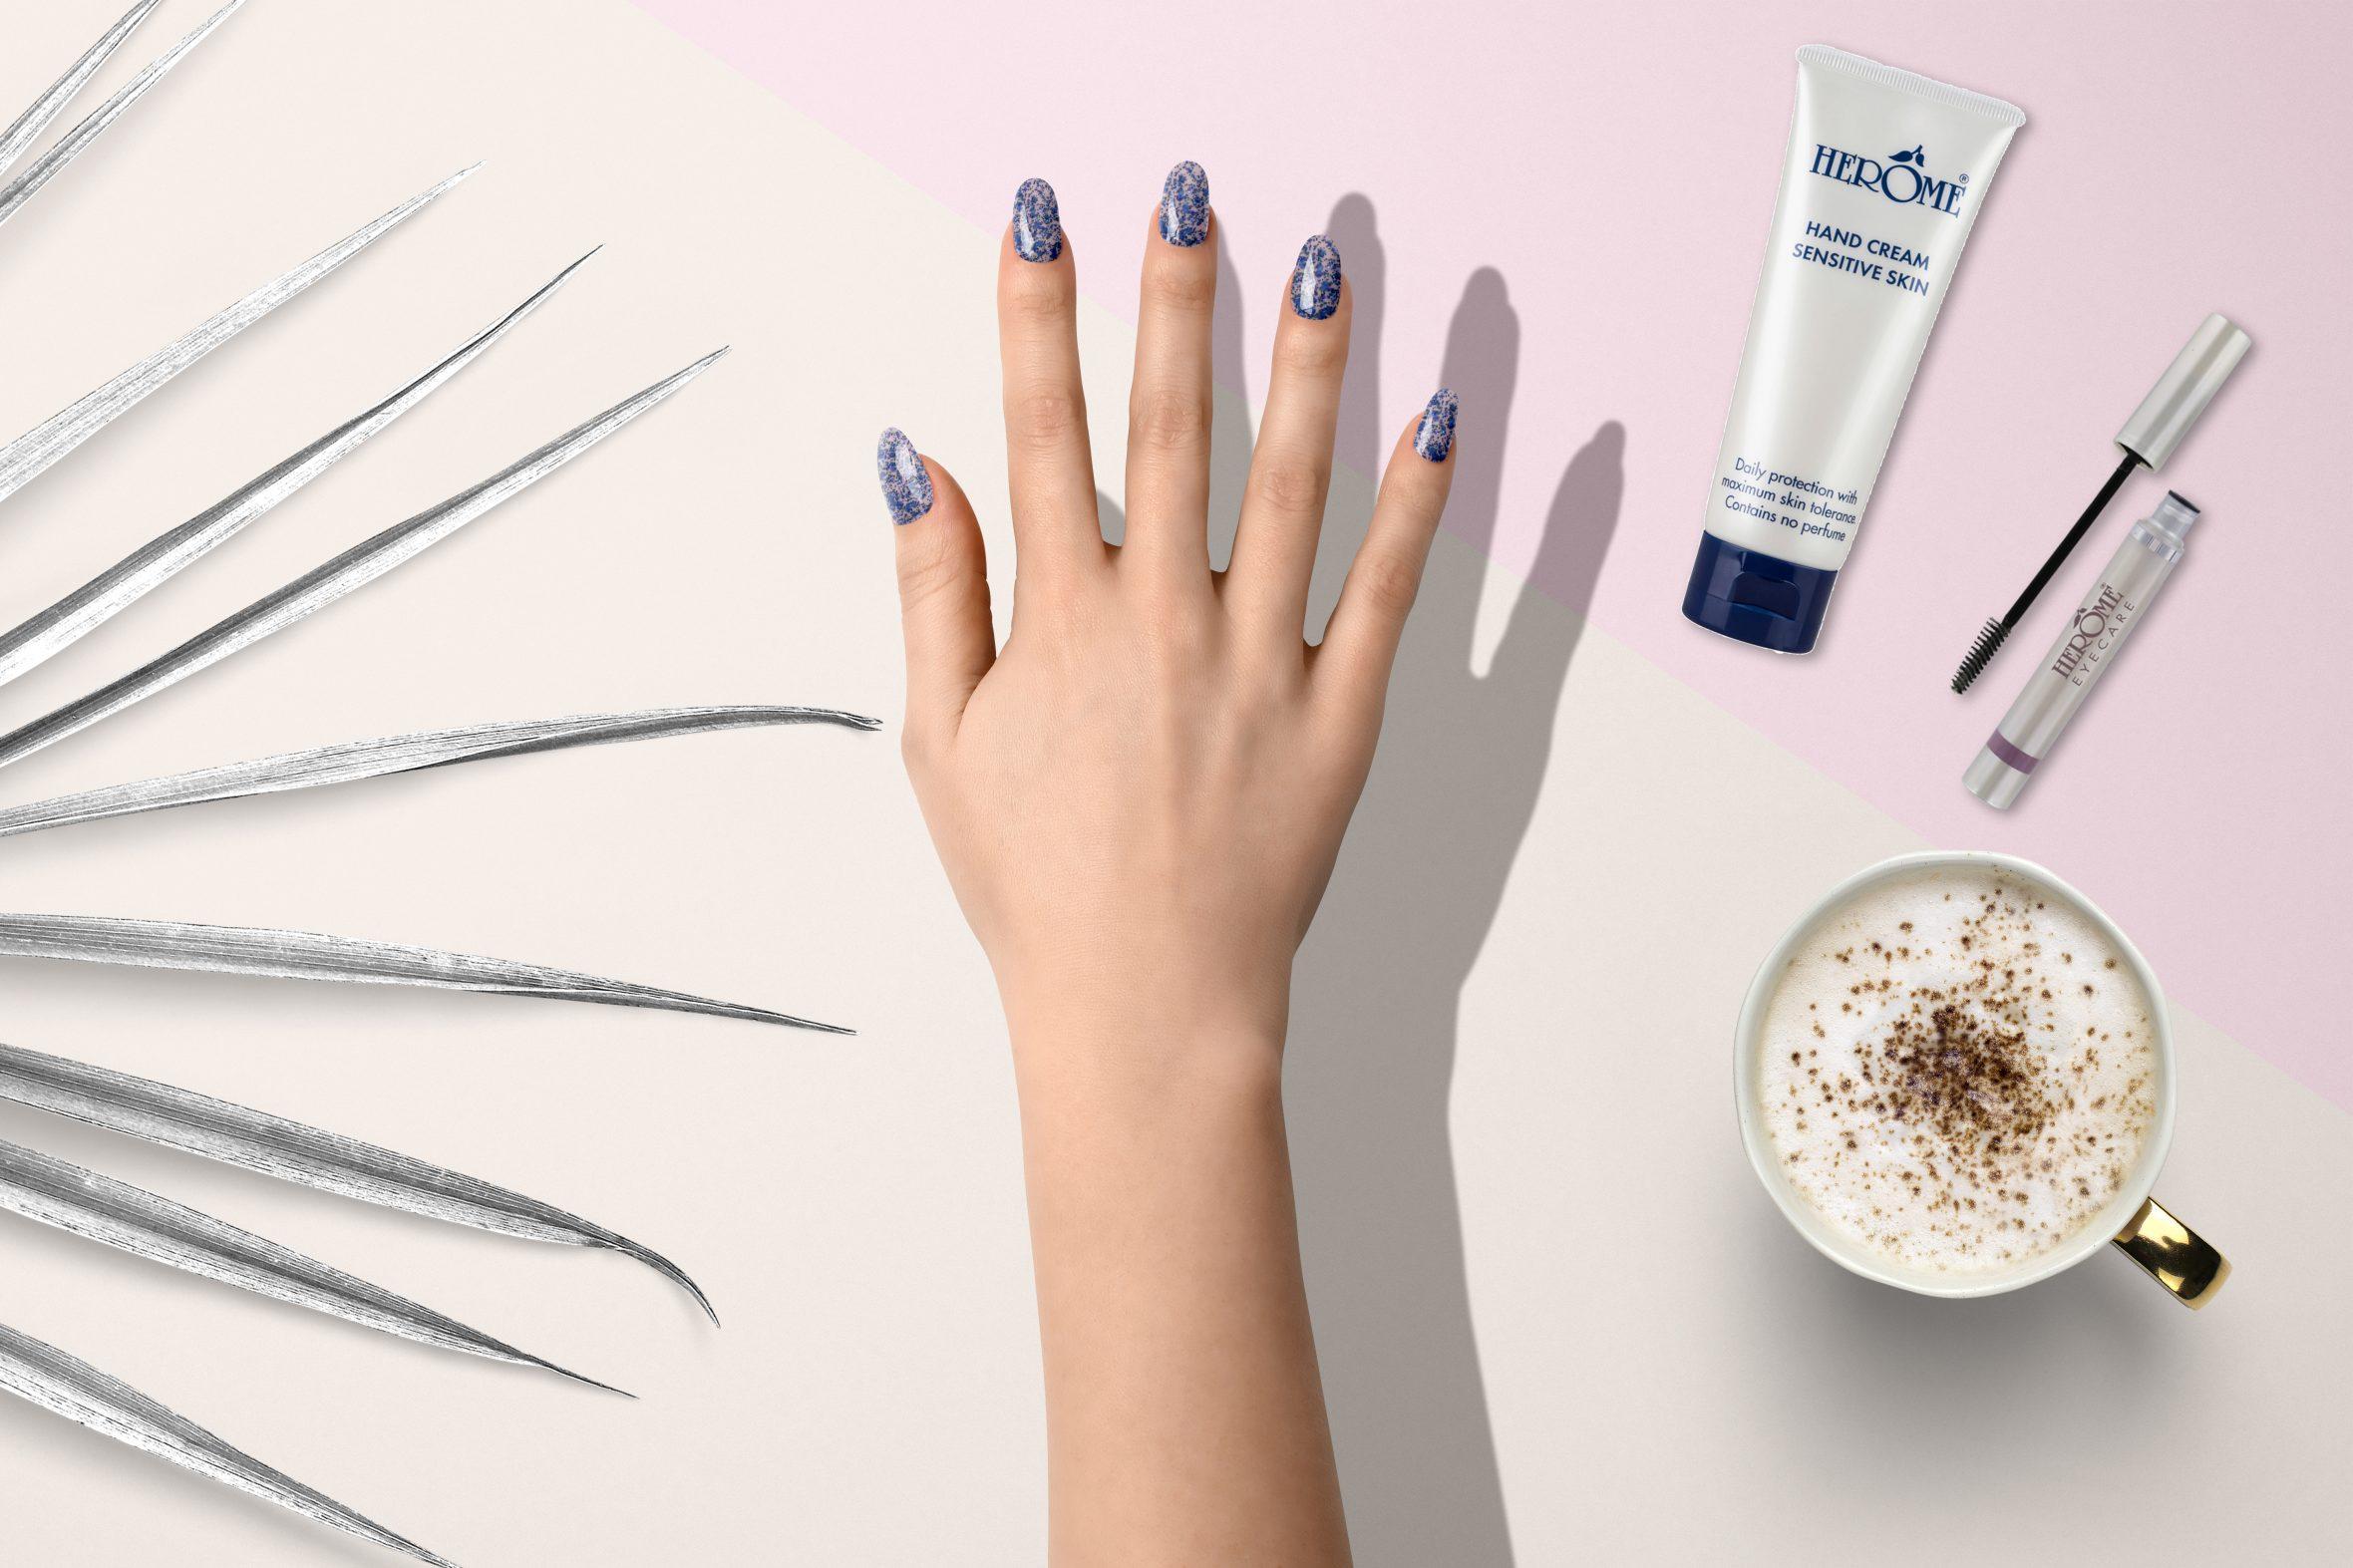 blauwe glitternagellak van Herôme voor je manicure